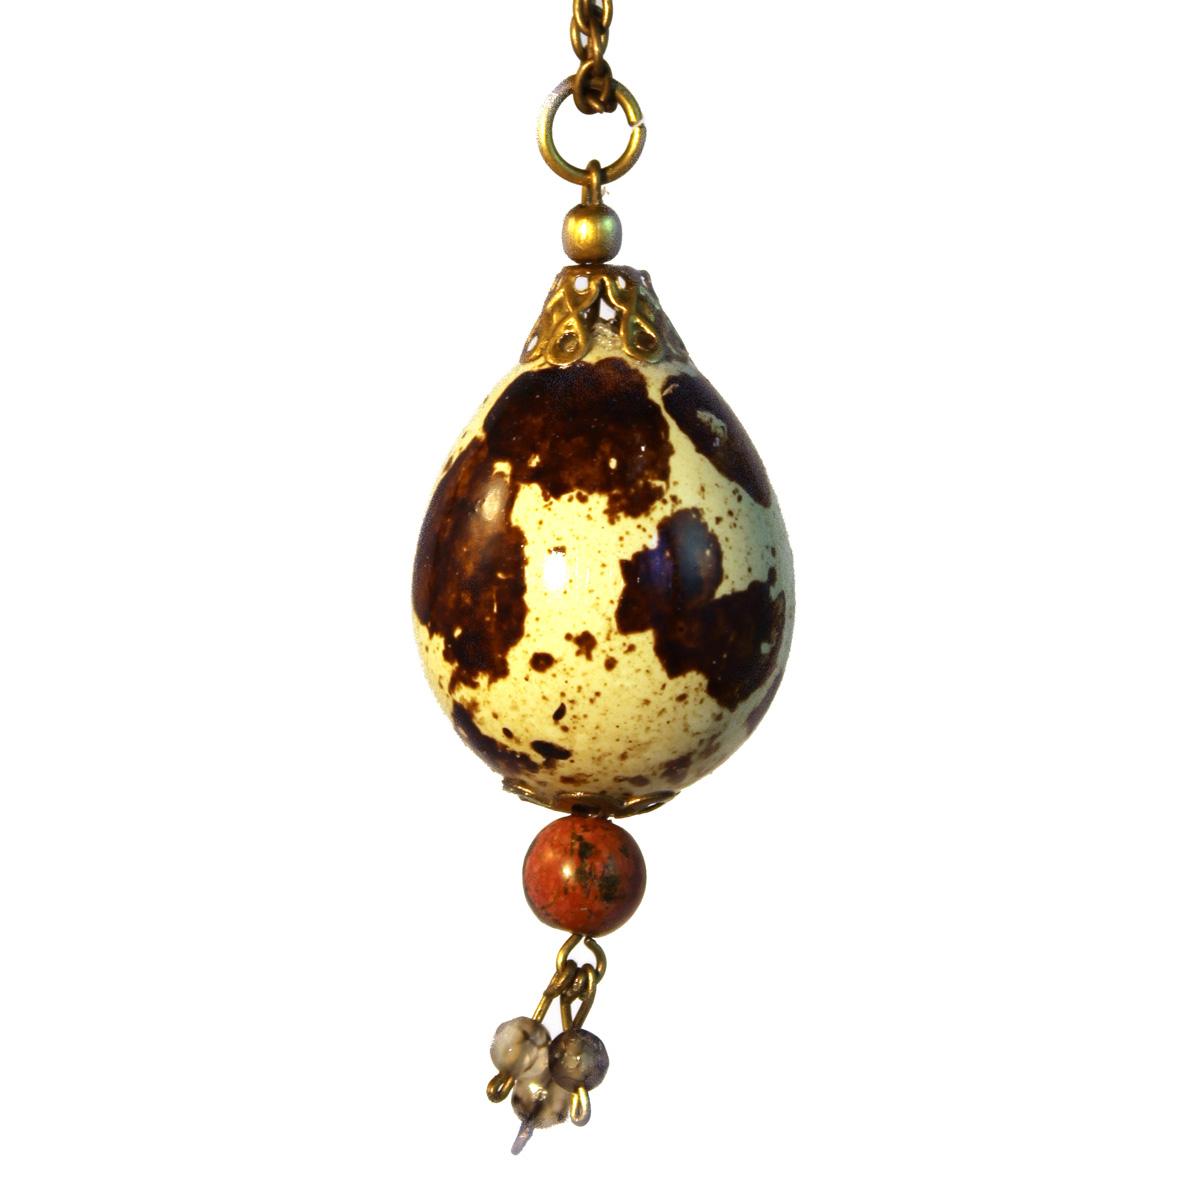 Colgantes Huevo de codorniz natural con piedra y tres perlas de cristal detalle.Collares huevos de codorniz